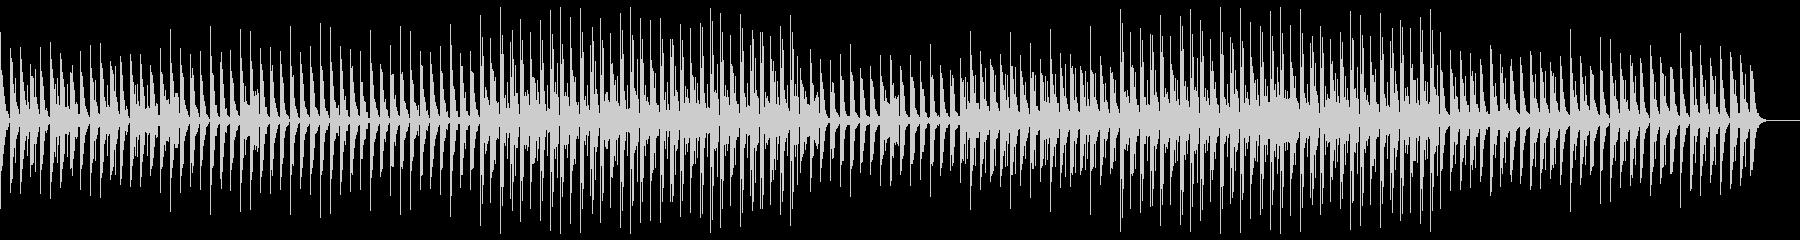 ベースなし バージョンの未再生の波形